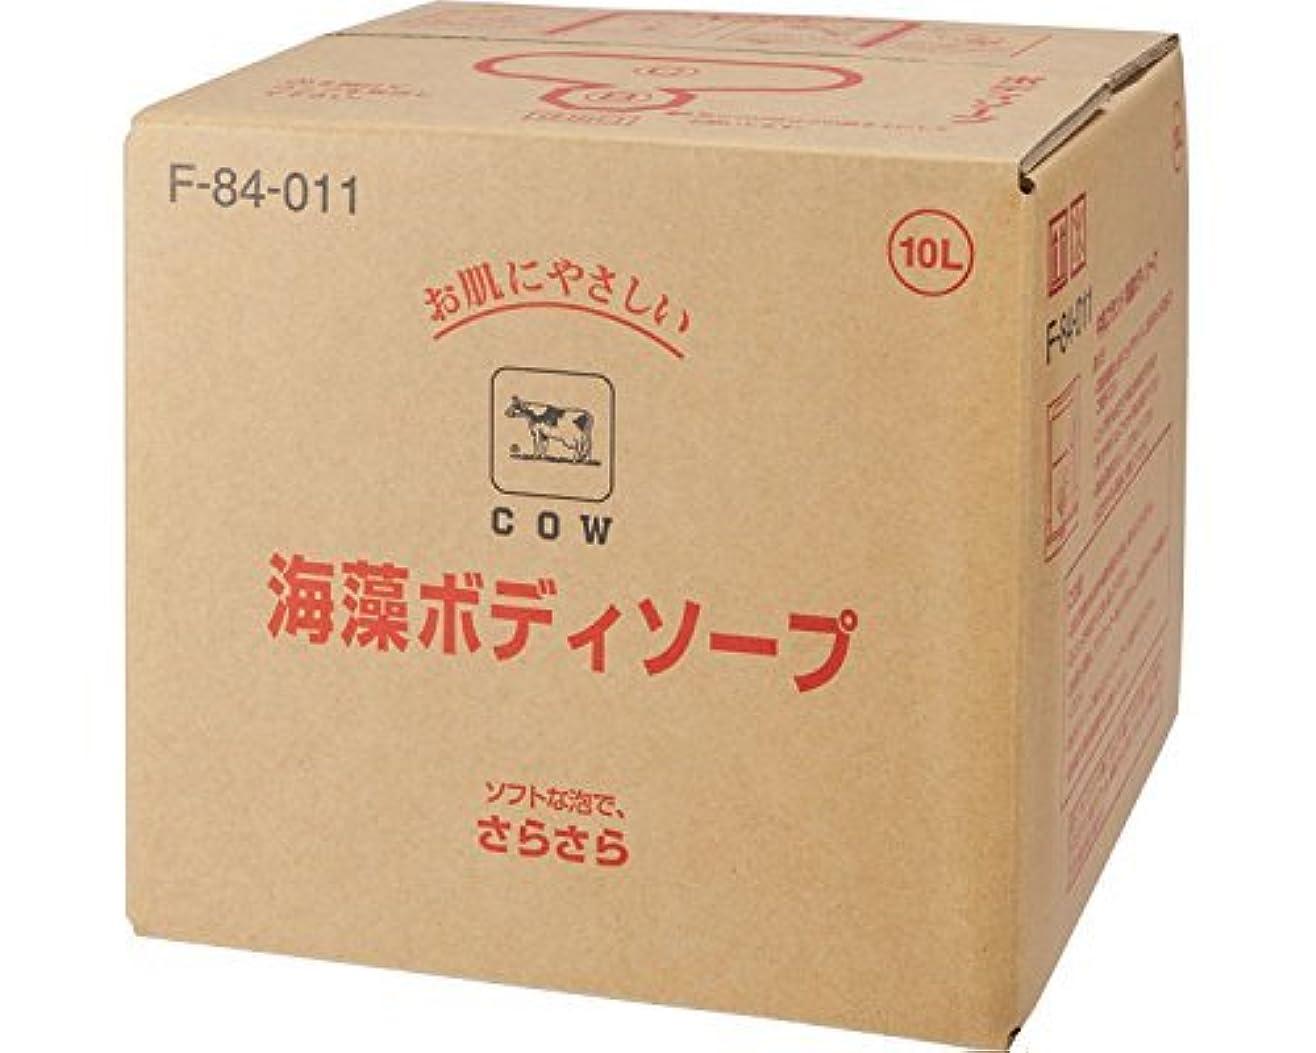 マート地下室意気込み牛乳ブランド 海藻ボディソープ /  10L F-84-011 【牛乳石鹸】 【清拭小物】